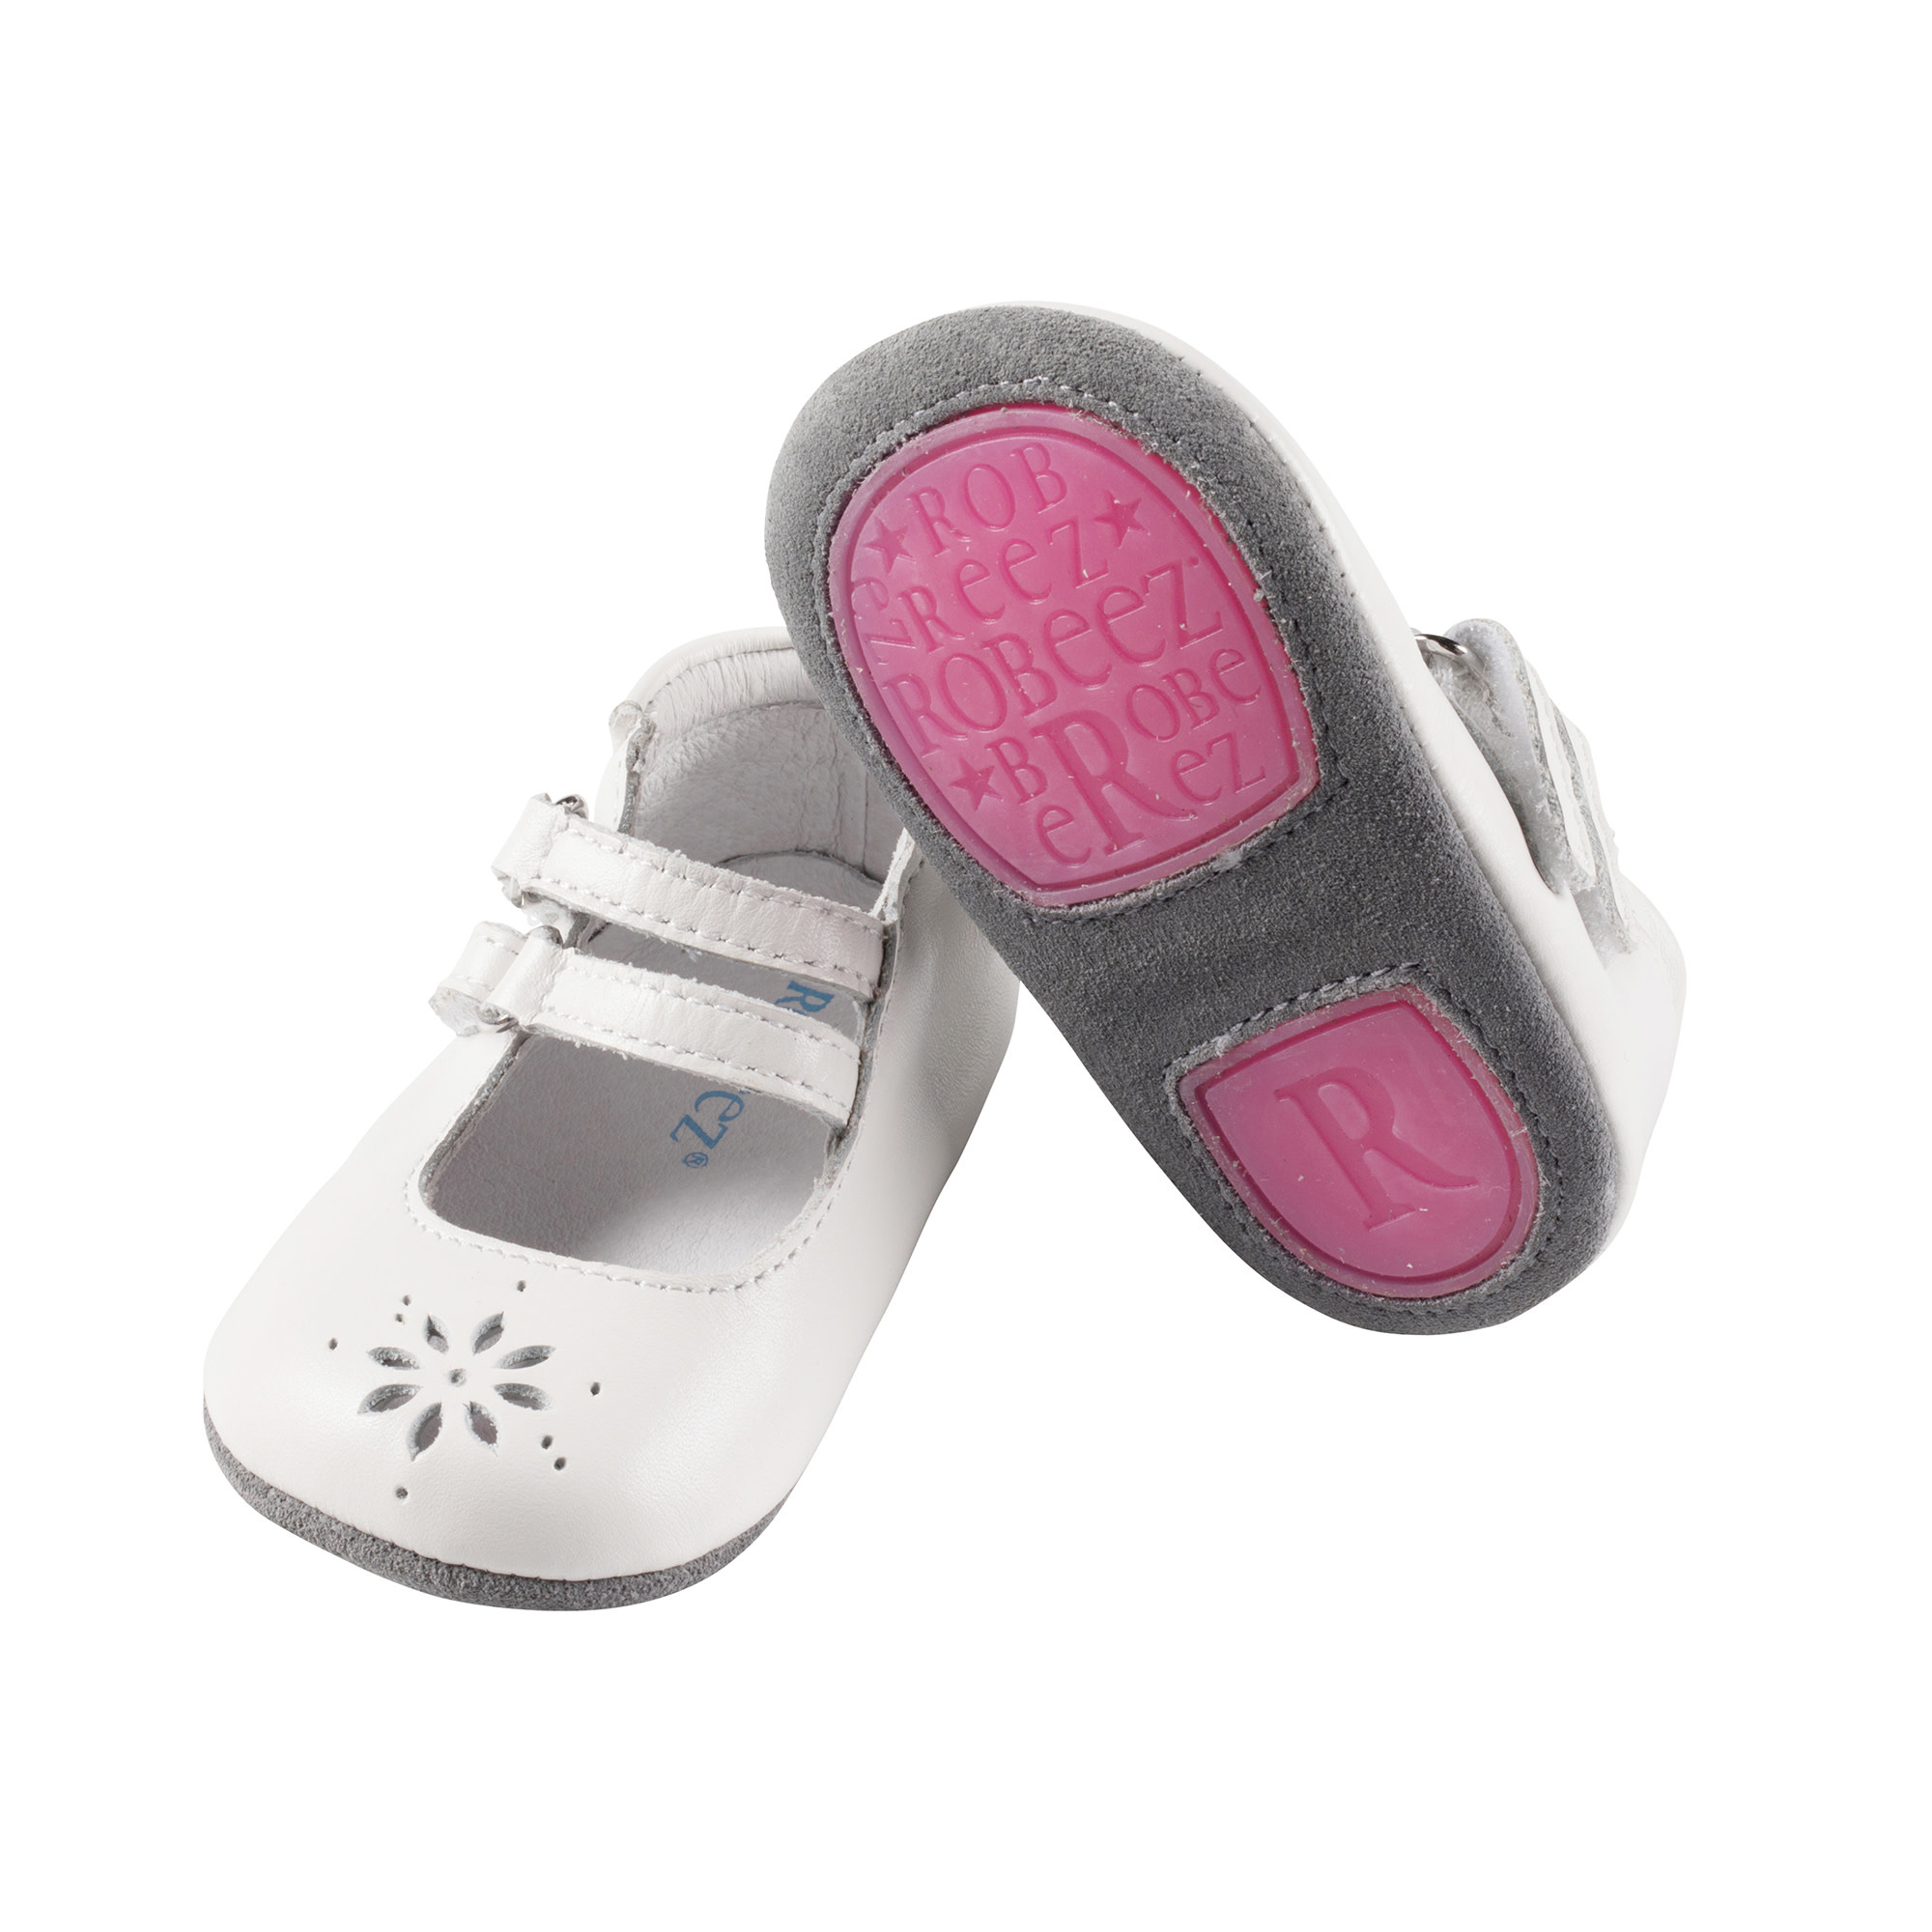 Audrey White Robeez Shoes - Mini Shoez